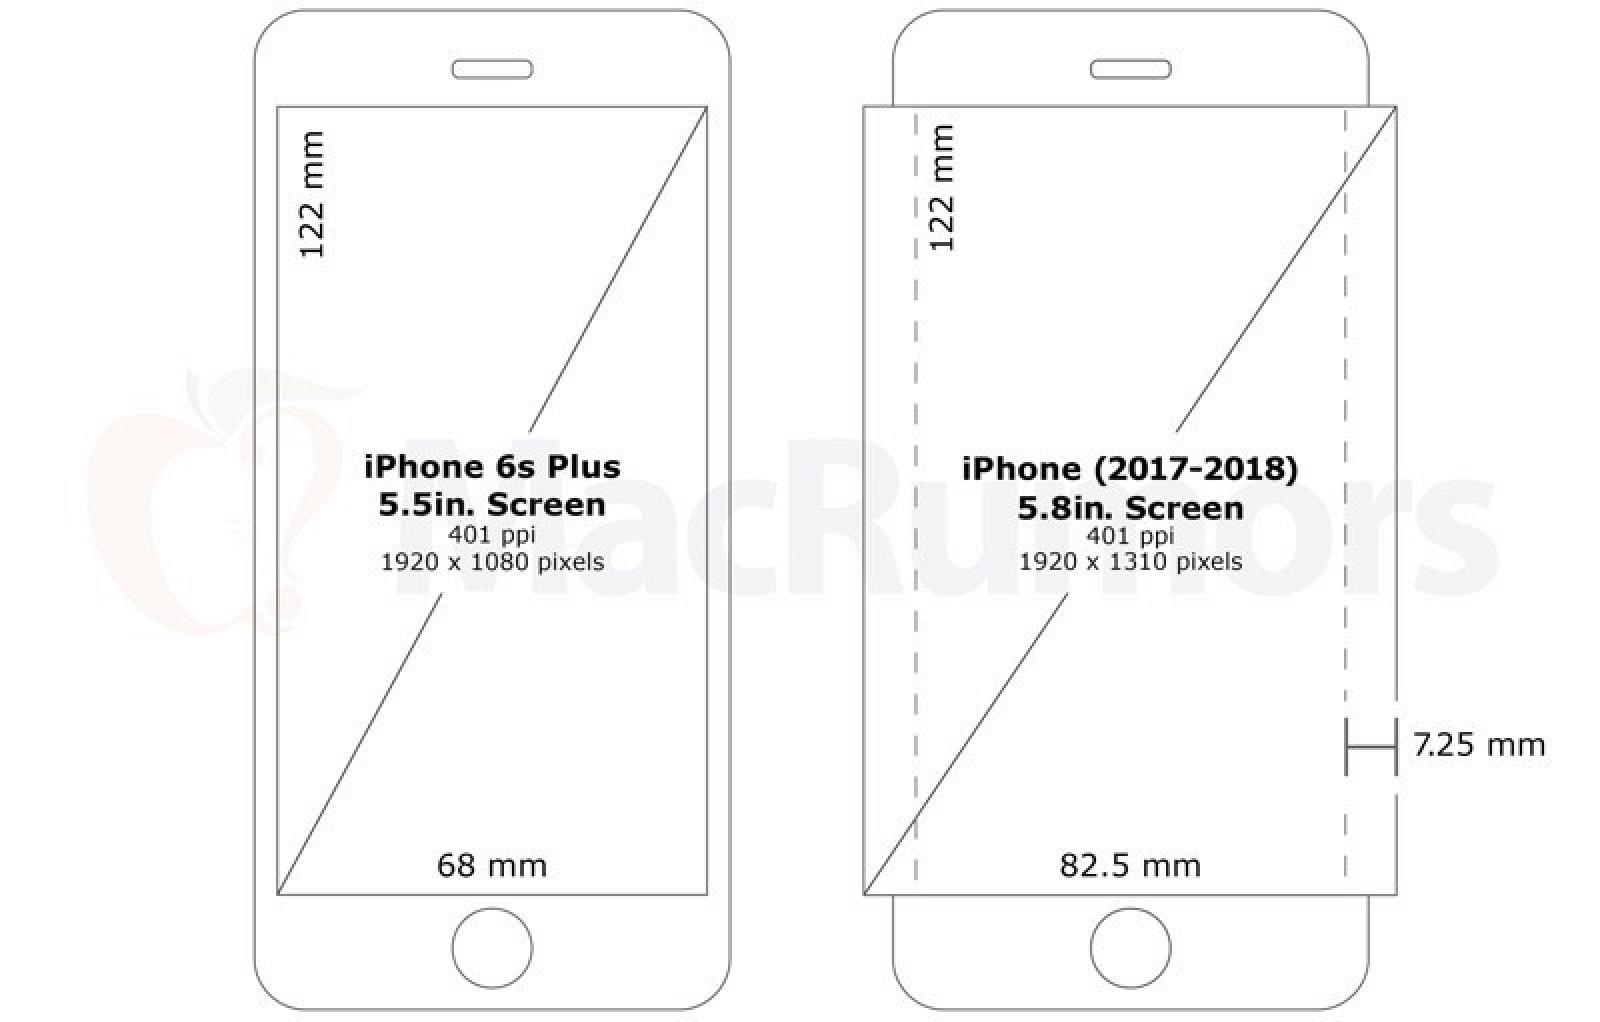 Bạn sẽ tậu ngay điện thoại iPhone 8 cũ 256 Gb khi biết những điều này